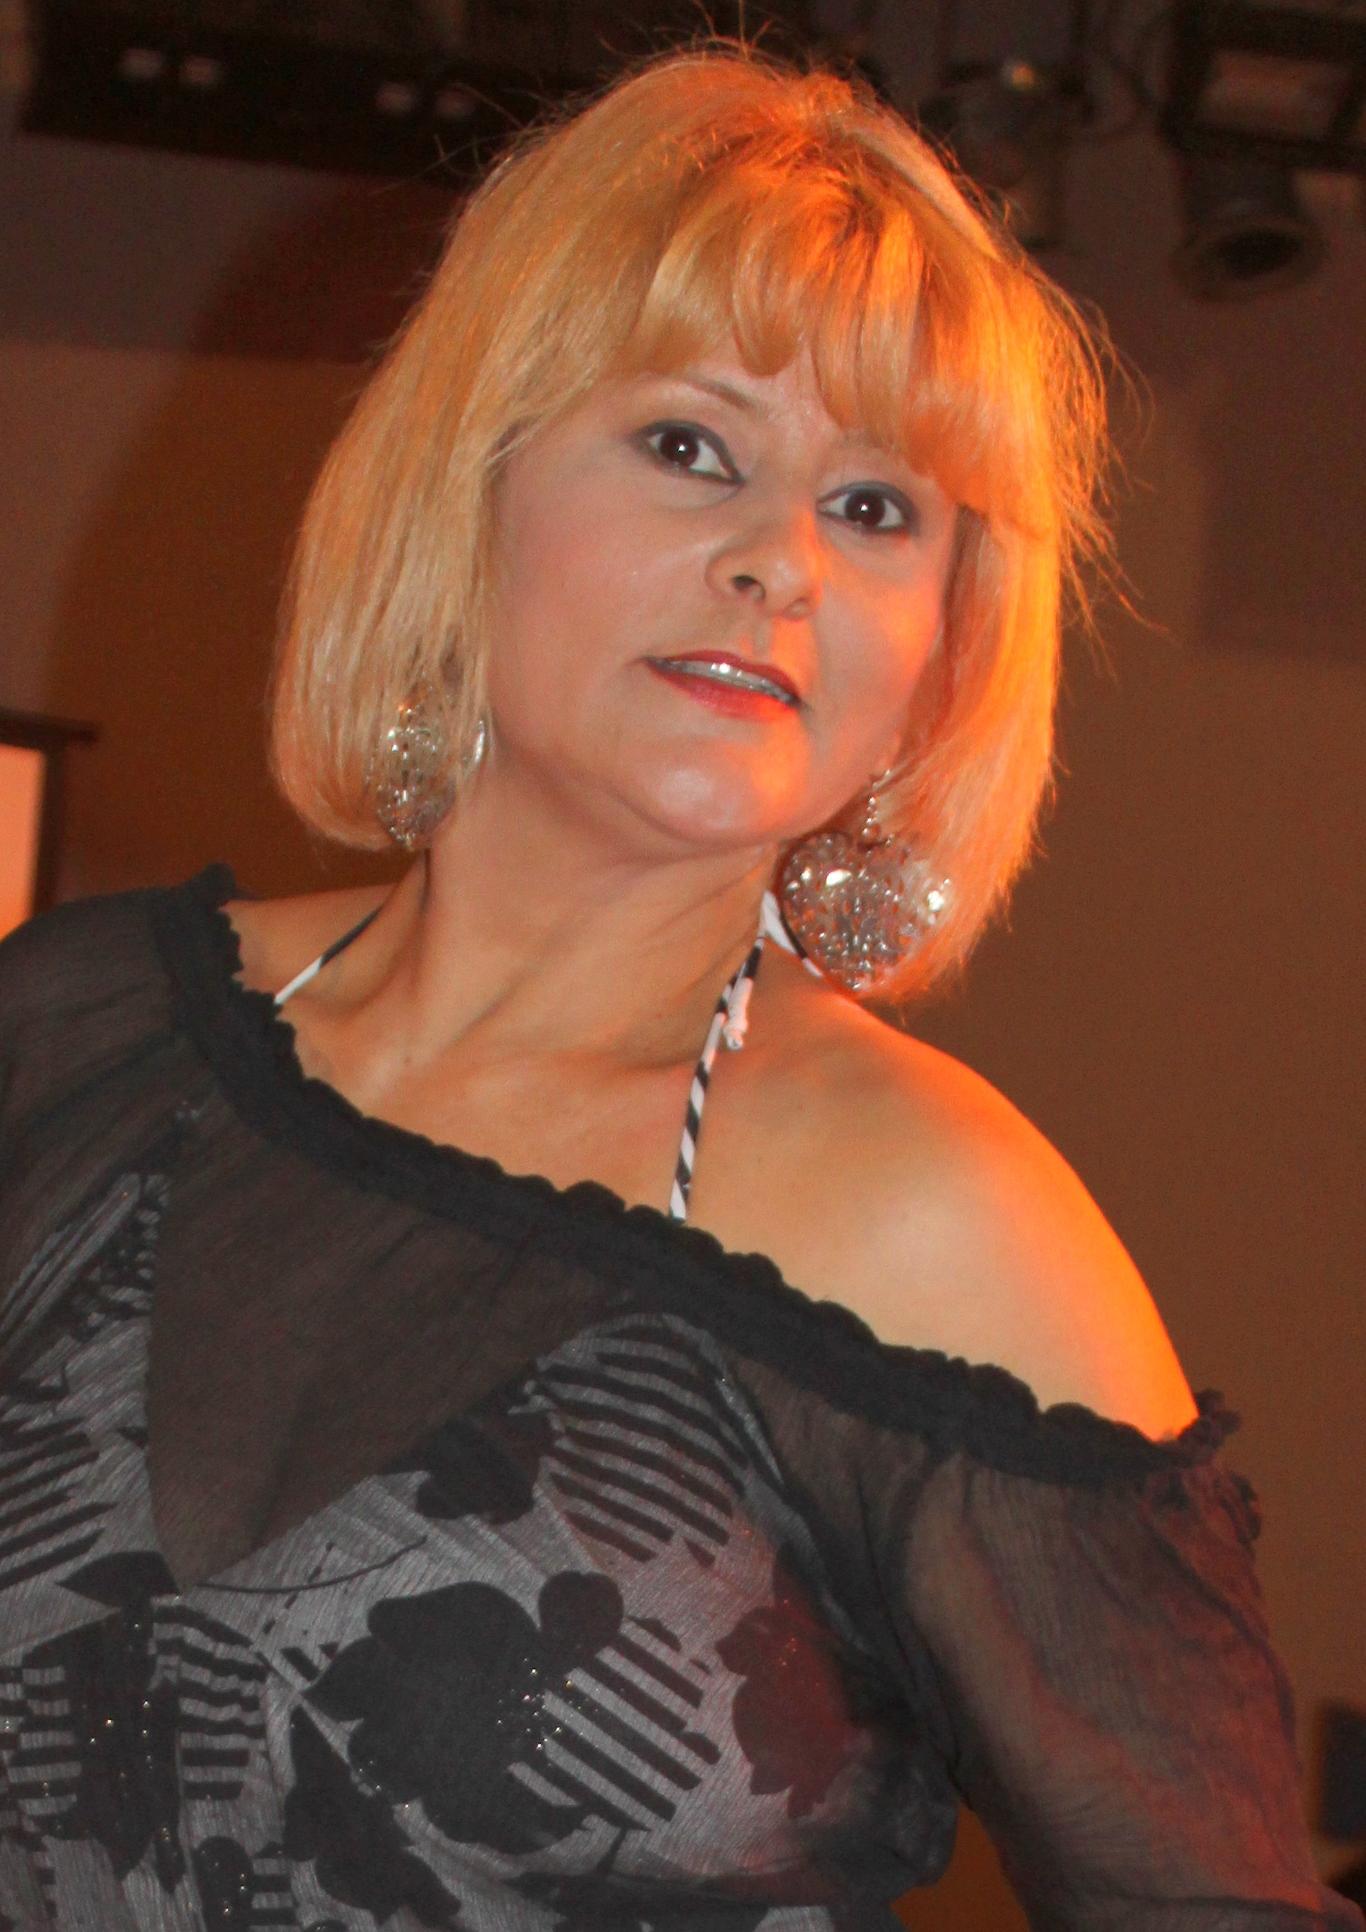 ¡Tragedia! Fallece en accidente la actriz y comediante Jeannette Vicioso